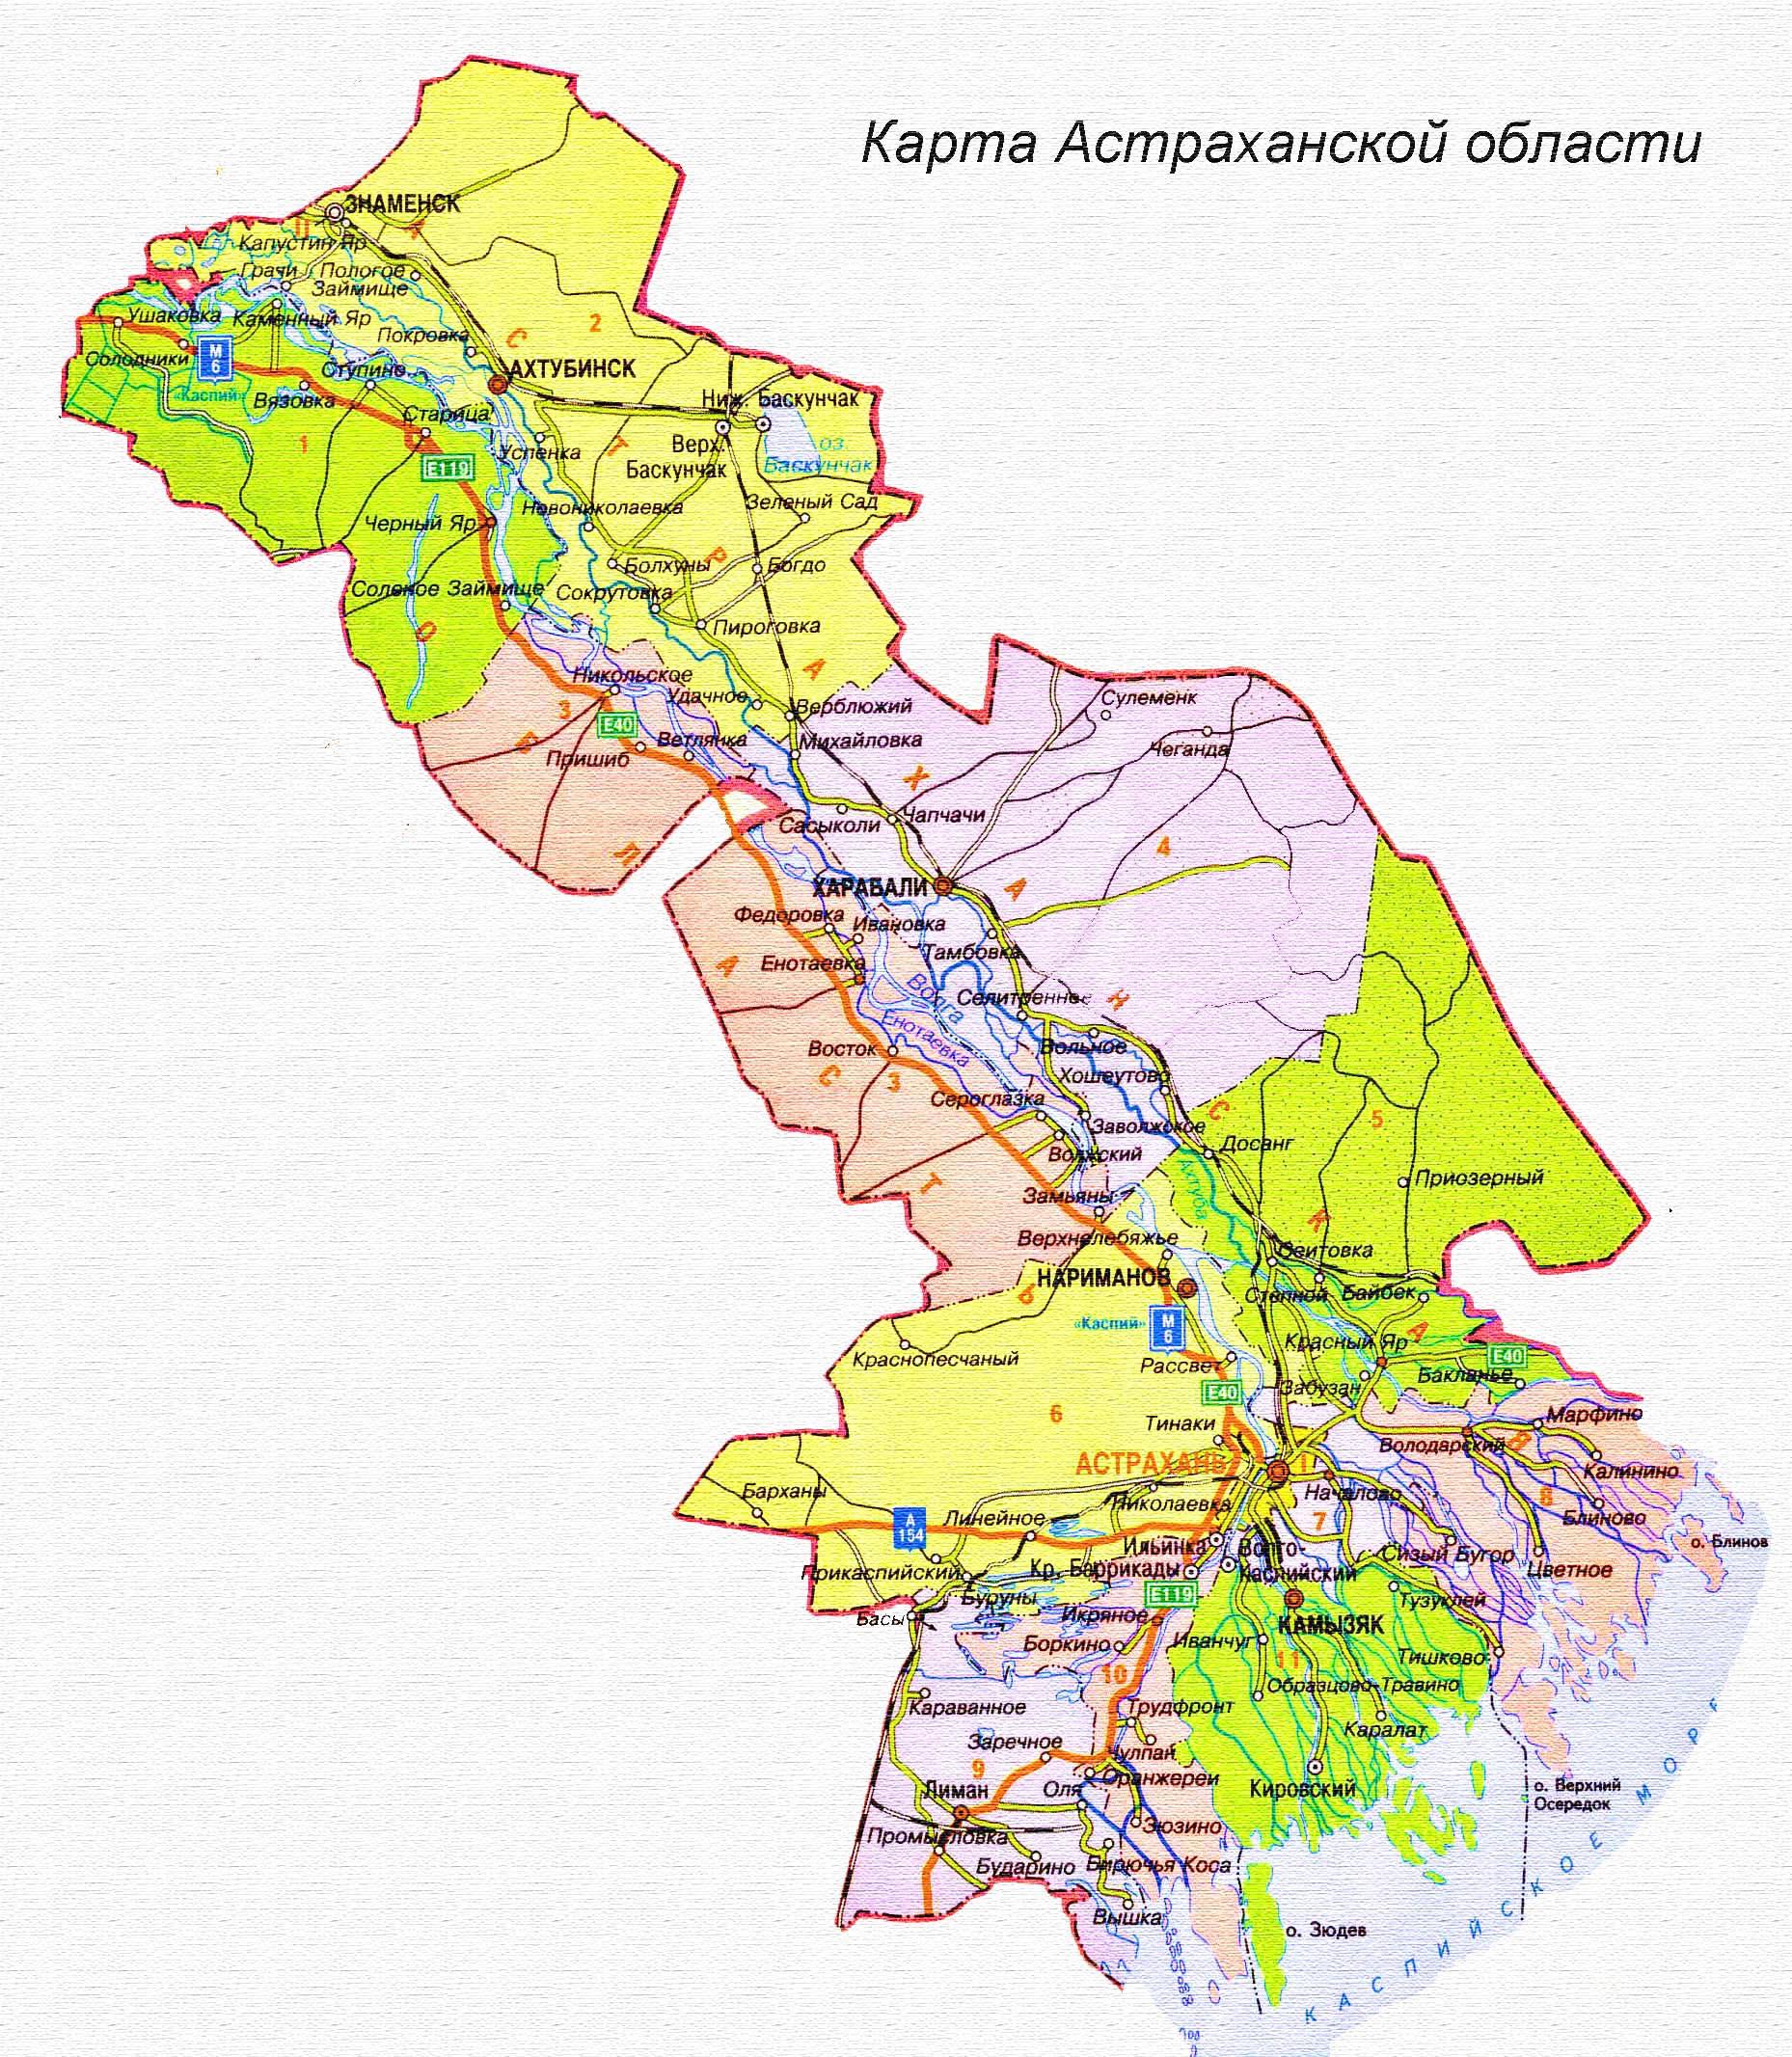 АЗС Газпромнефть на карте России и стран СНГ | Газпром АЗС ...